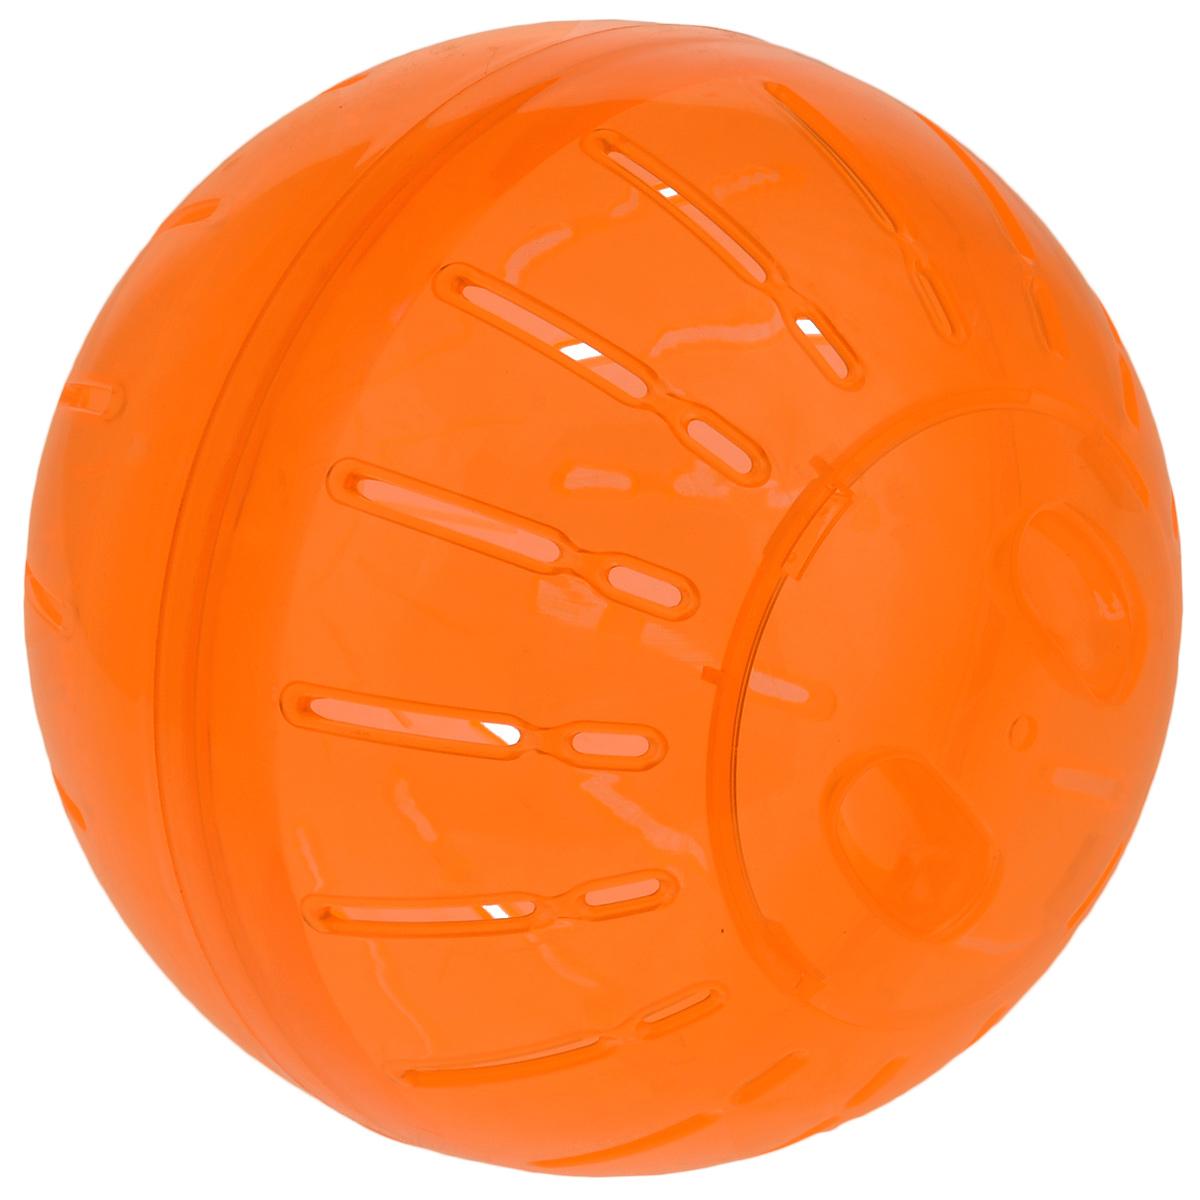 Игрушка для грызунов Triol Шар прогулочный, цвет: оранжевый, диаметр 19 смA5-750_оранжевыйШар прогулочный Triol - это игрушка для грызунов, изготовленная из нетоксичного высококачественного пластика. Шар легко моется. Устойчивая конструкция с защелкивающимися дверцами обеспечит безопасность и предохранит вашего питомца от побега. Большие вентиляционные отверстия обеспечивают хорошую циркуляцию воздуха, а специально разработанные выступы для лап - удобство при передвижении. Прогулка в таком шаре обеспечит грызуну нагрузку, а значит, поможет поддержать хорошую физическую форму. Чтобы правильно подобрать шар, следует измерить длину животного: диаметр шара должен быть чуть больше, чем длина вашего питомца.Диаметр шара: 19 см.